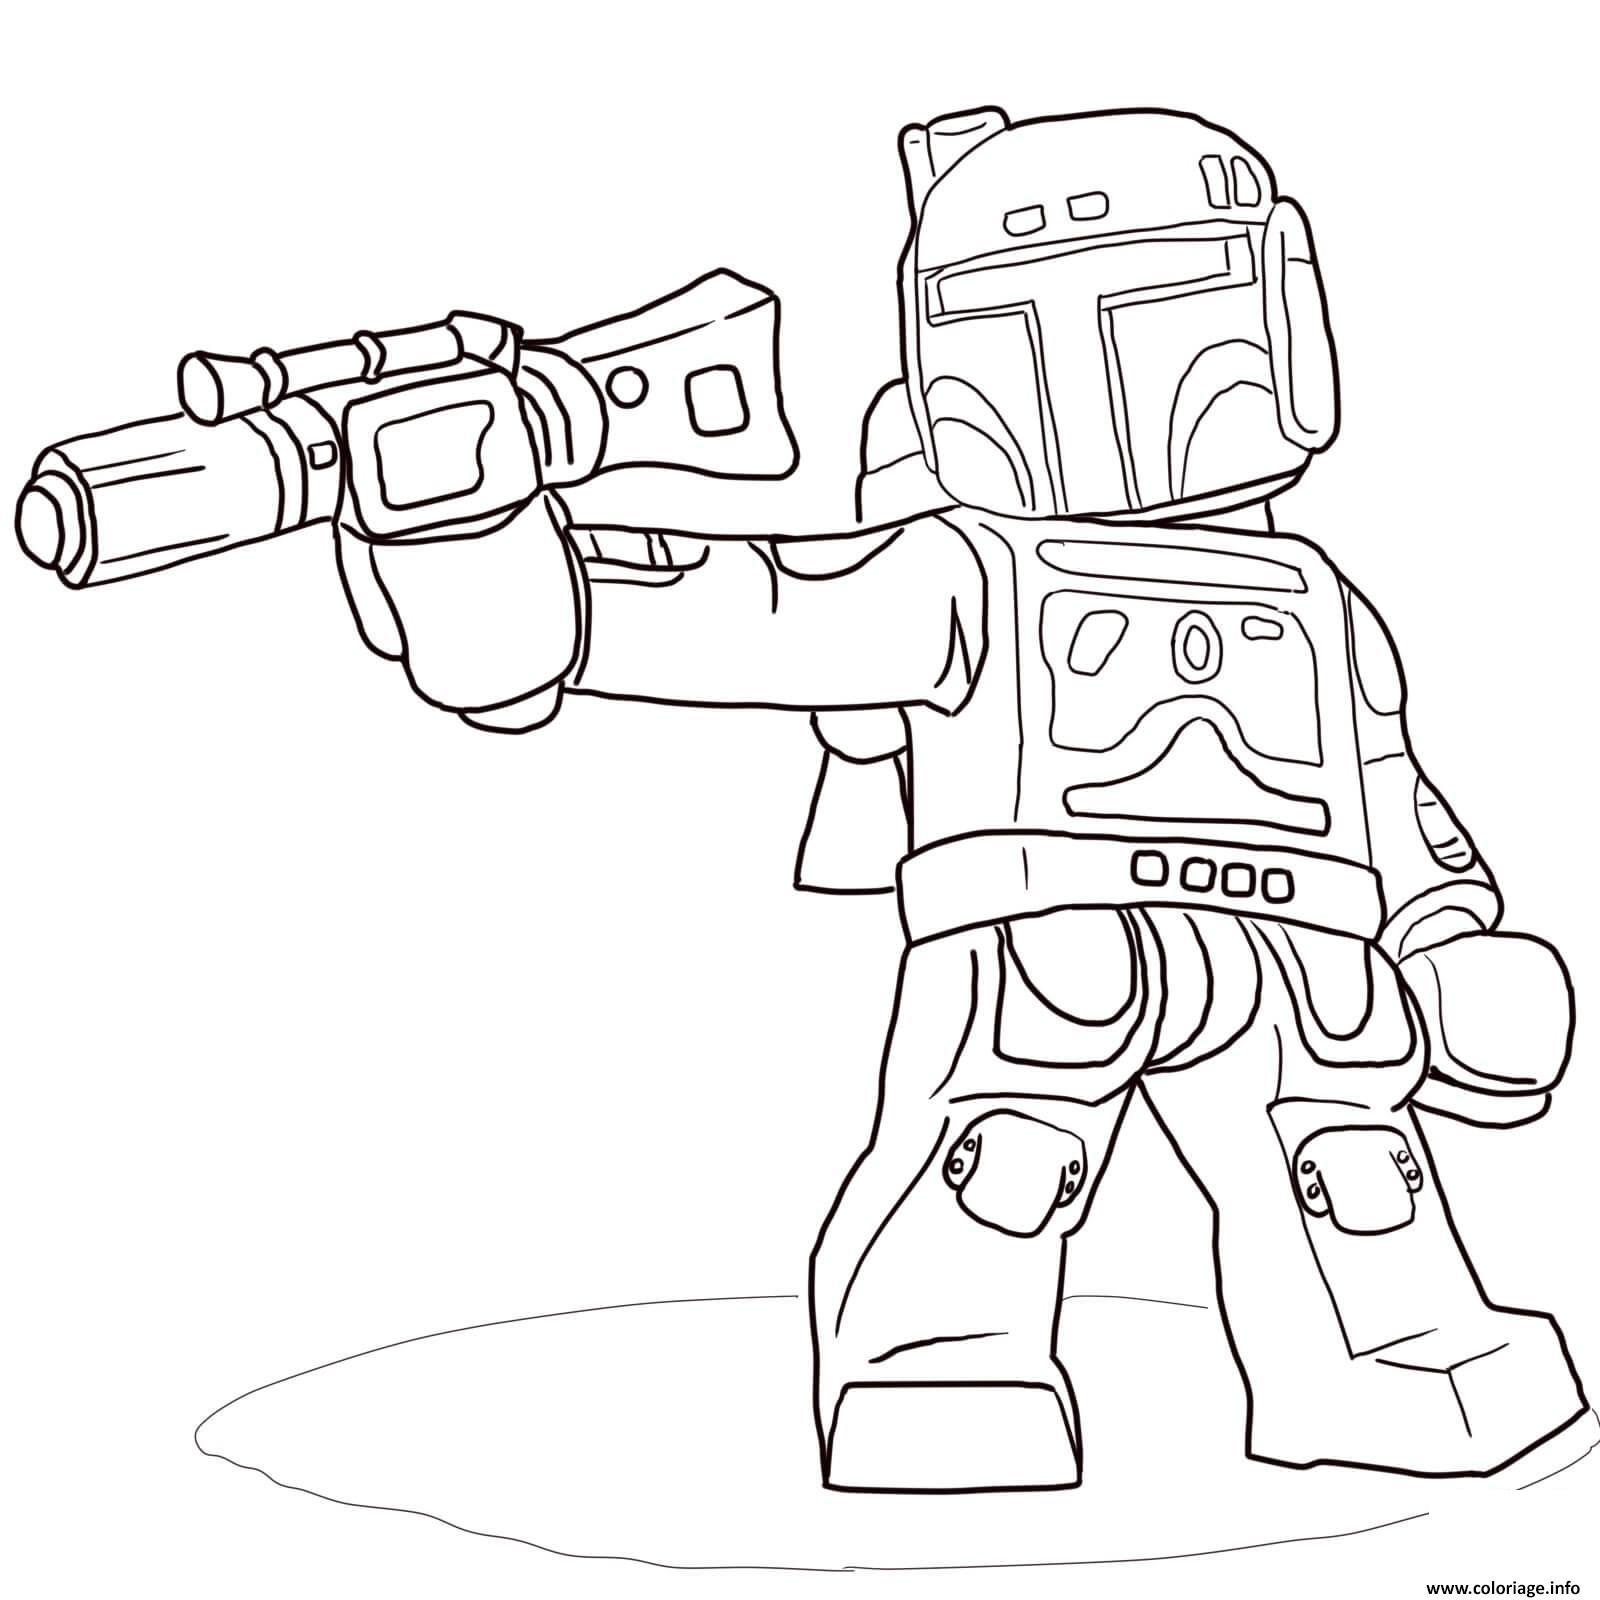 Frais Dessin A Imprimer De Star Wars Lego